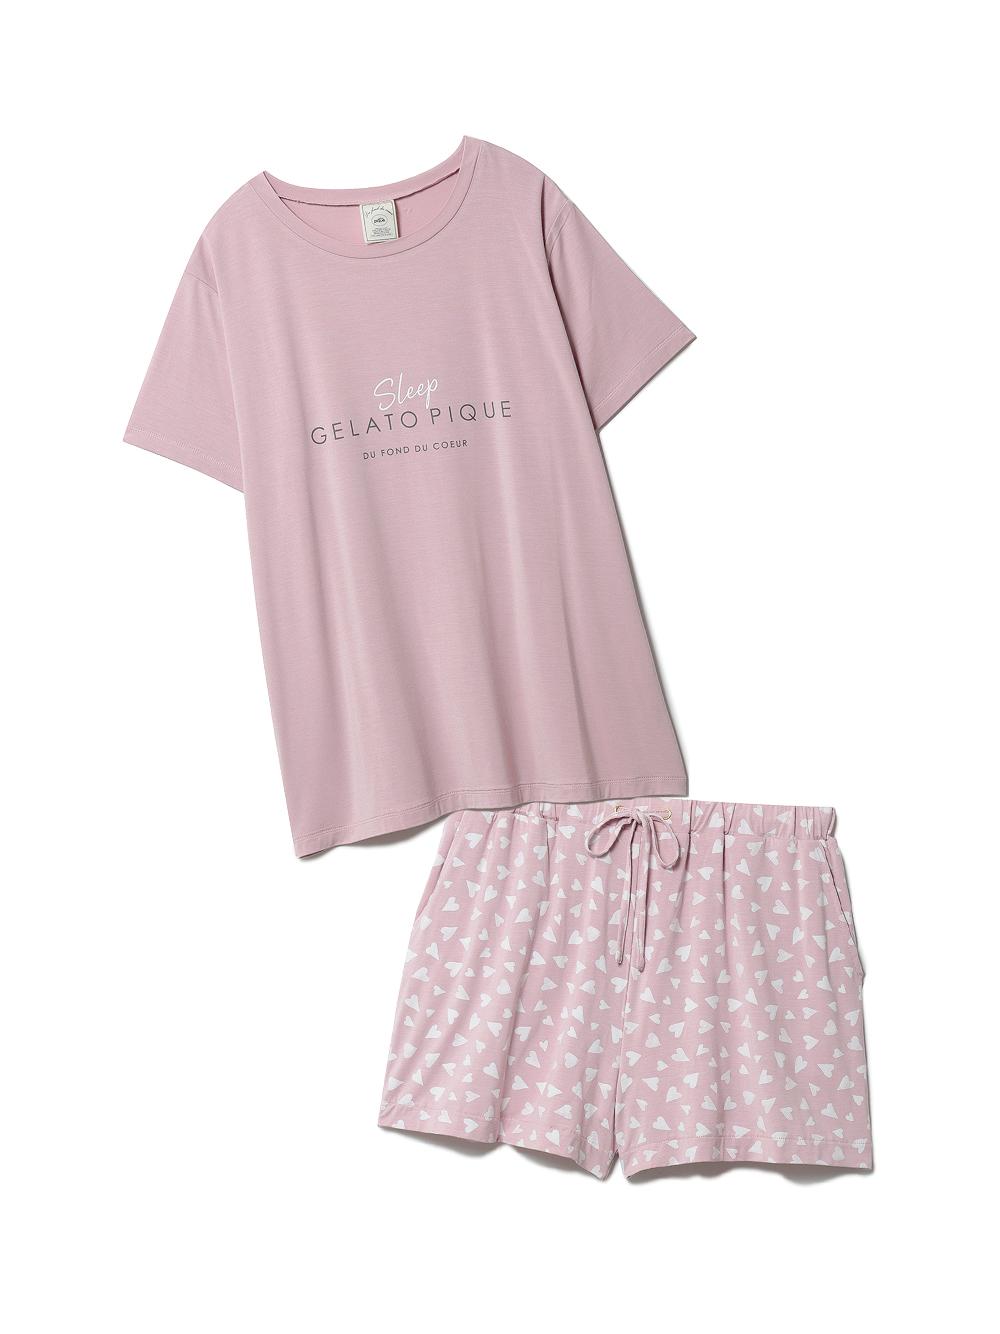 【ラッピング】カラーワンポイントTシャツ&ショートパンツSET(PNK-F)